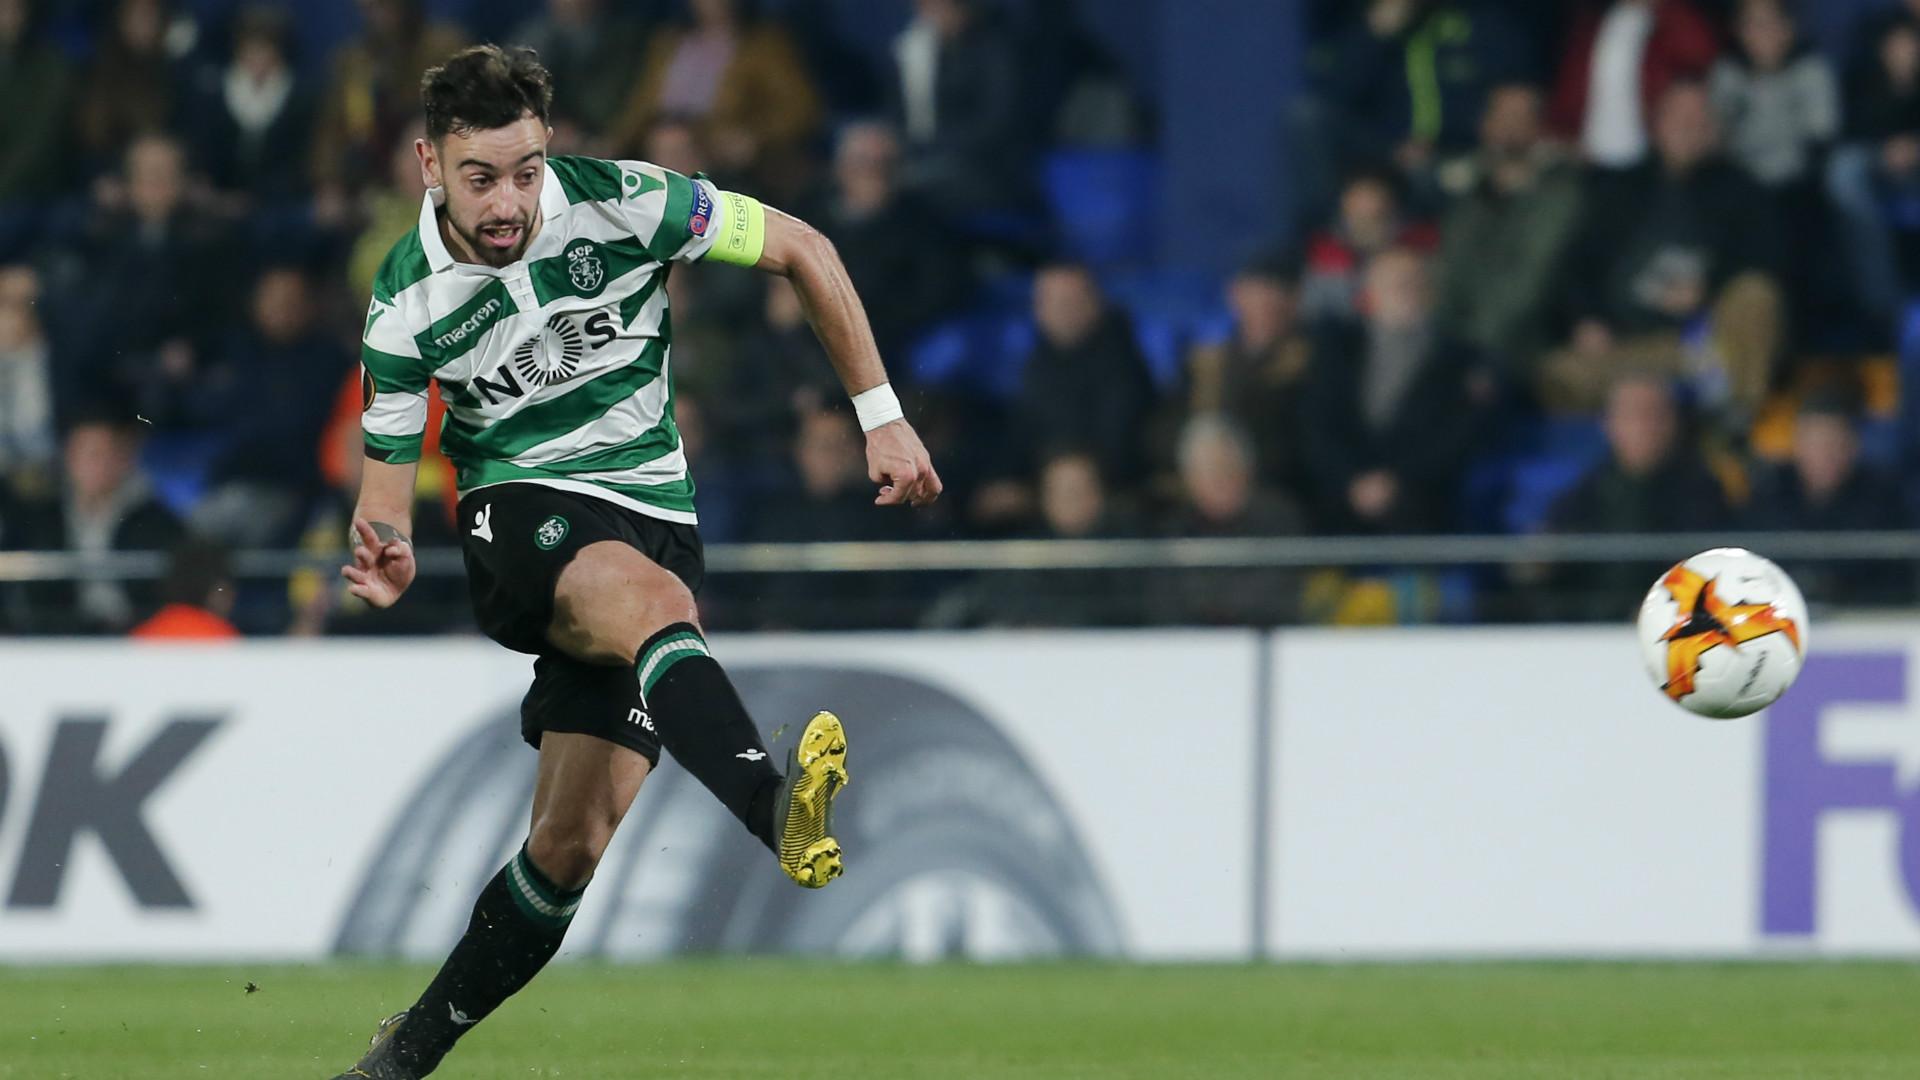 نتيجة بحث الصور عن برونو فيرنانديز لاعب كرة القدم